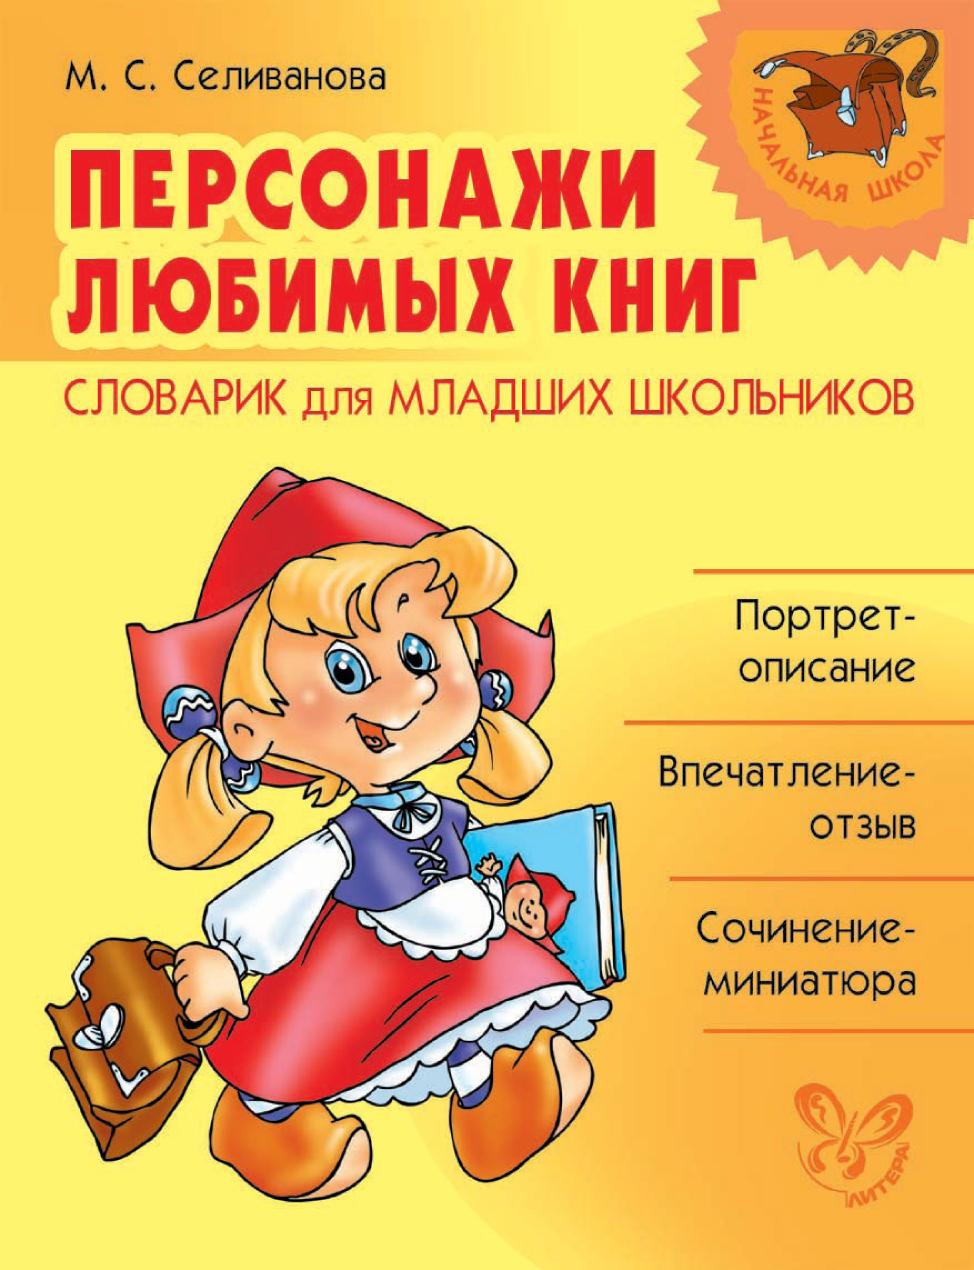 М. С. Селиванова Персонажи любимых книг. Словарик для младших школьников